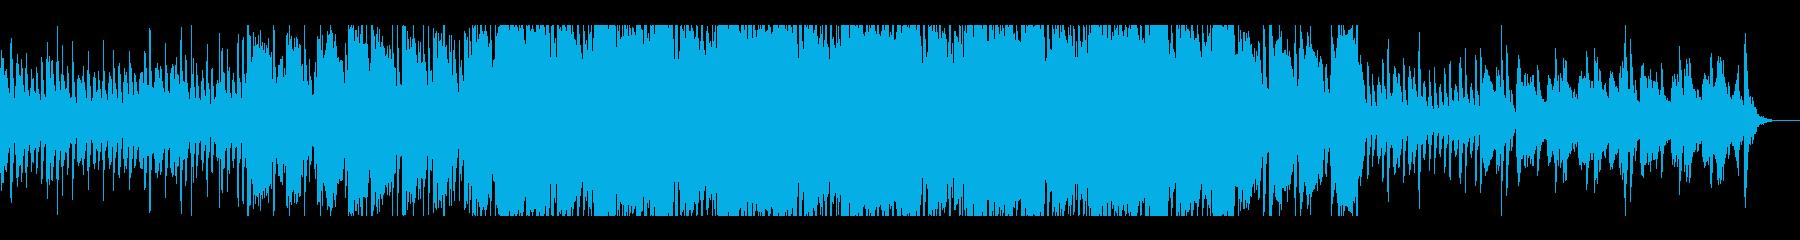 ワルツ調ホラーピアノ曲の再生済みの波形